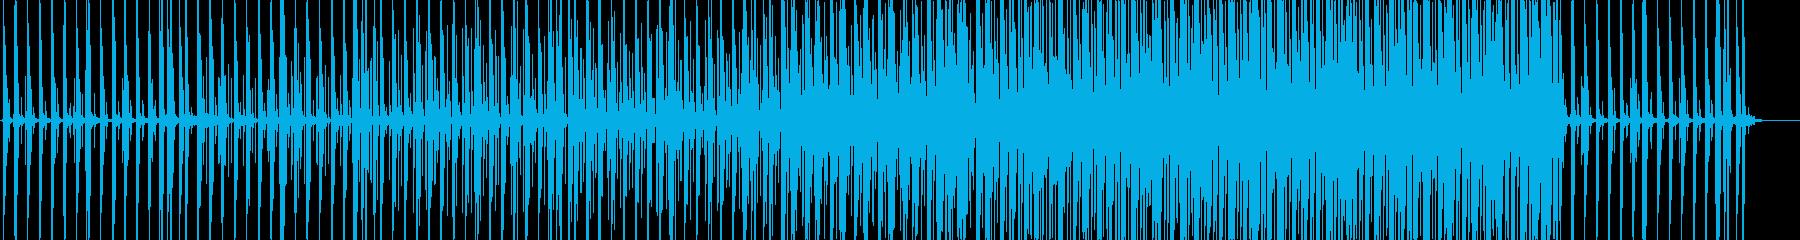 リズミカルなサンバ曲の再生済みの波形